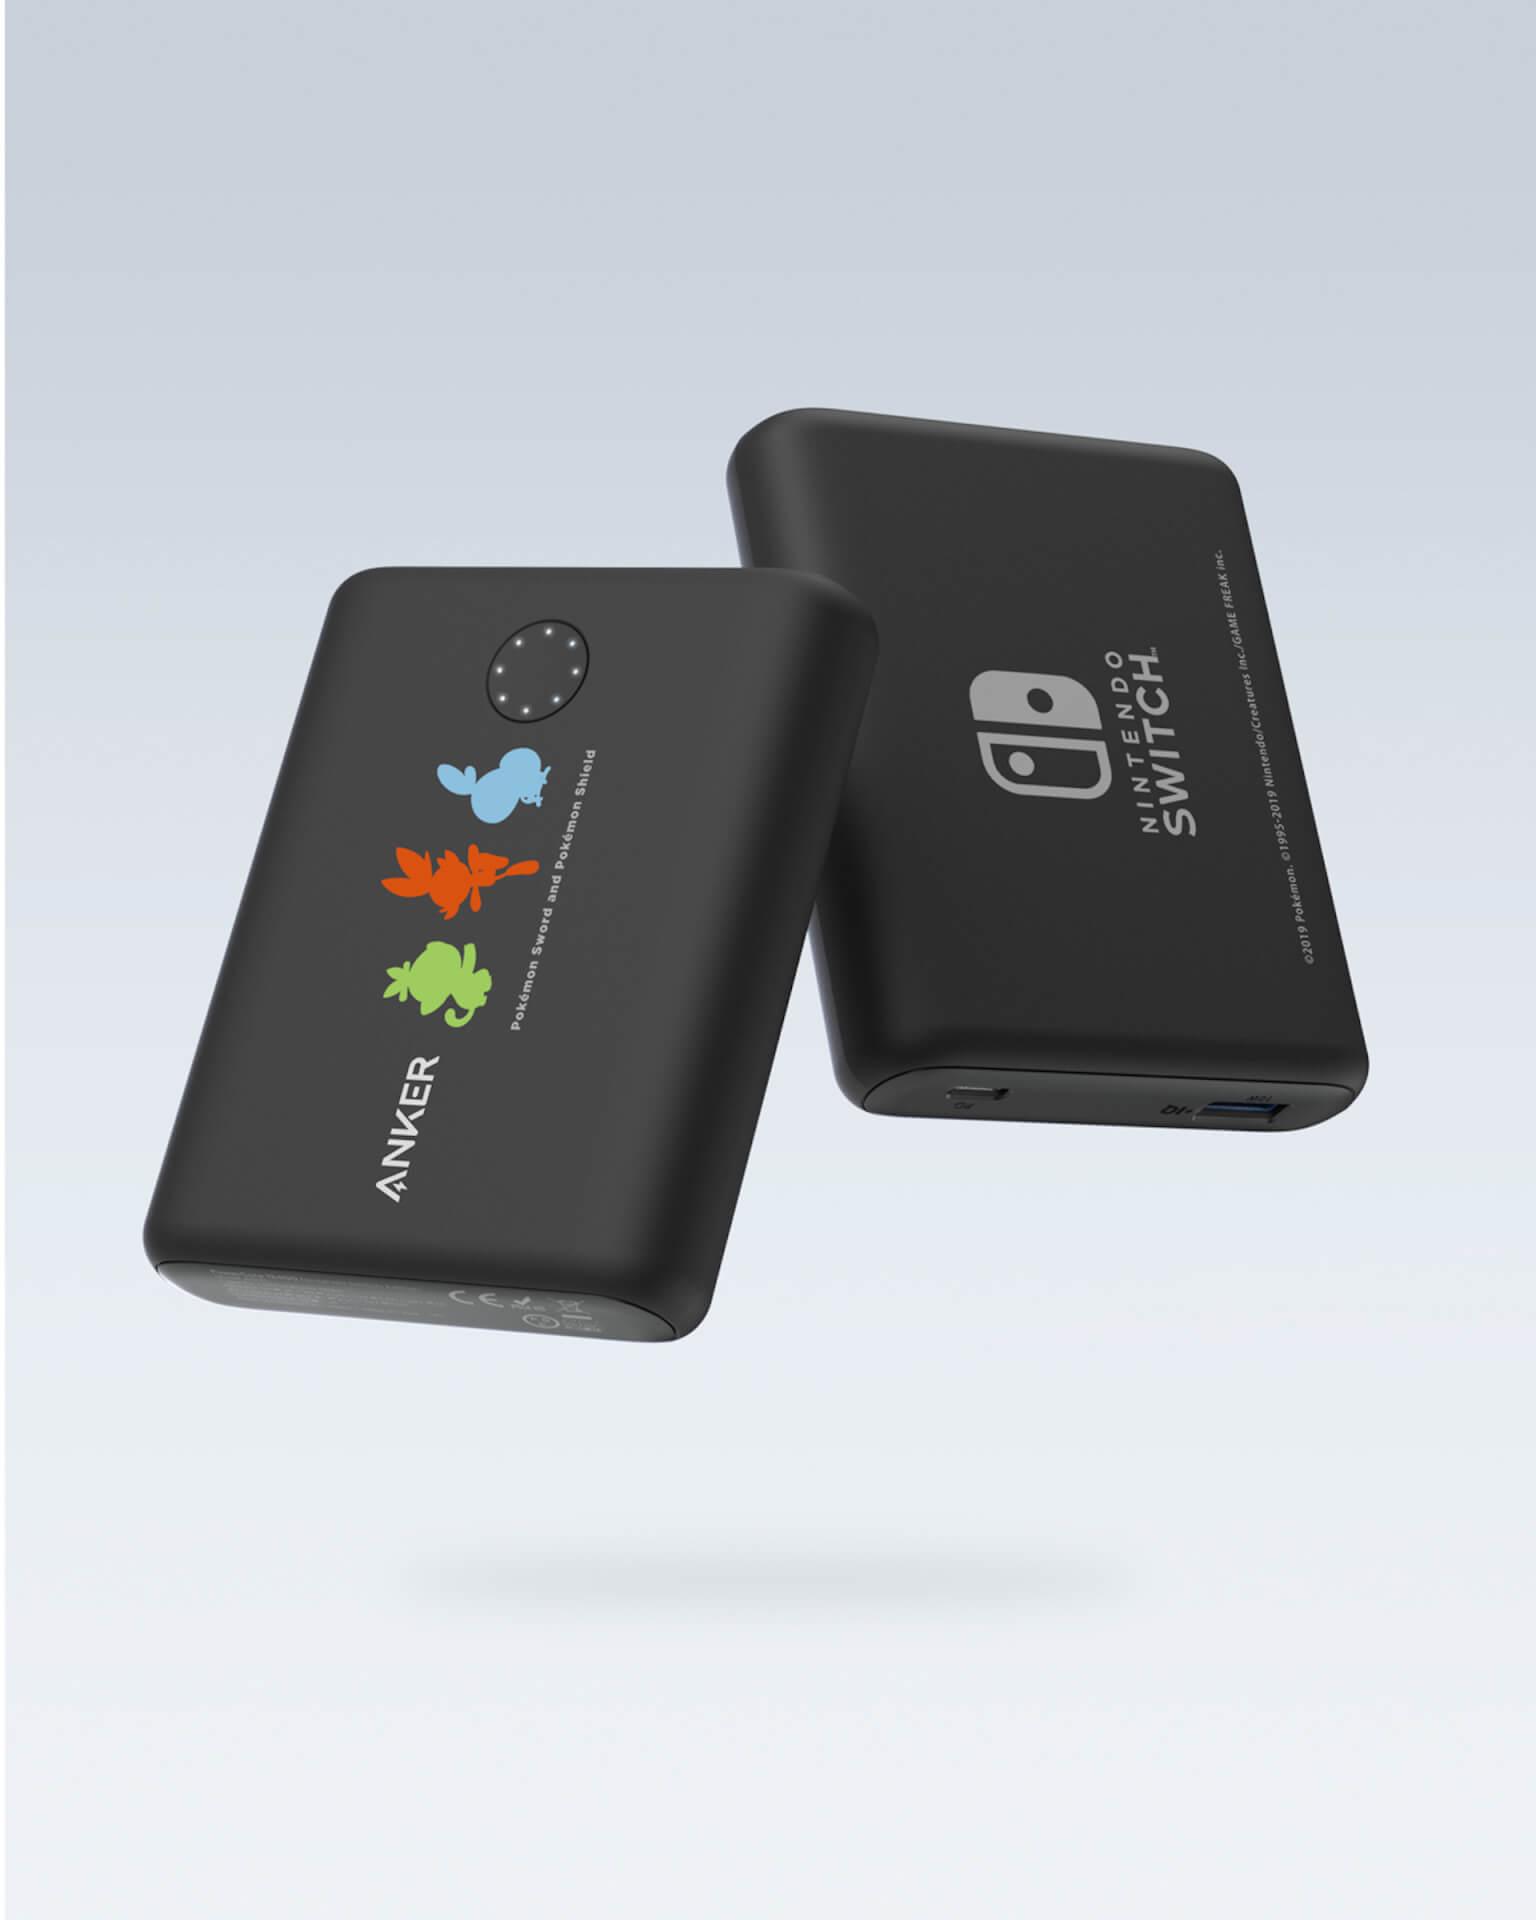 ポケモンがAnker充電器に!Nintendo Switch対応の大容量バッテリー「Anker PowerCore 13400 Pokémon Limited Edition」が登場 tech_191114_ankerxpokemon_2